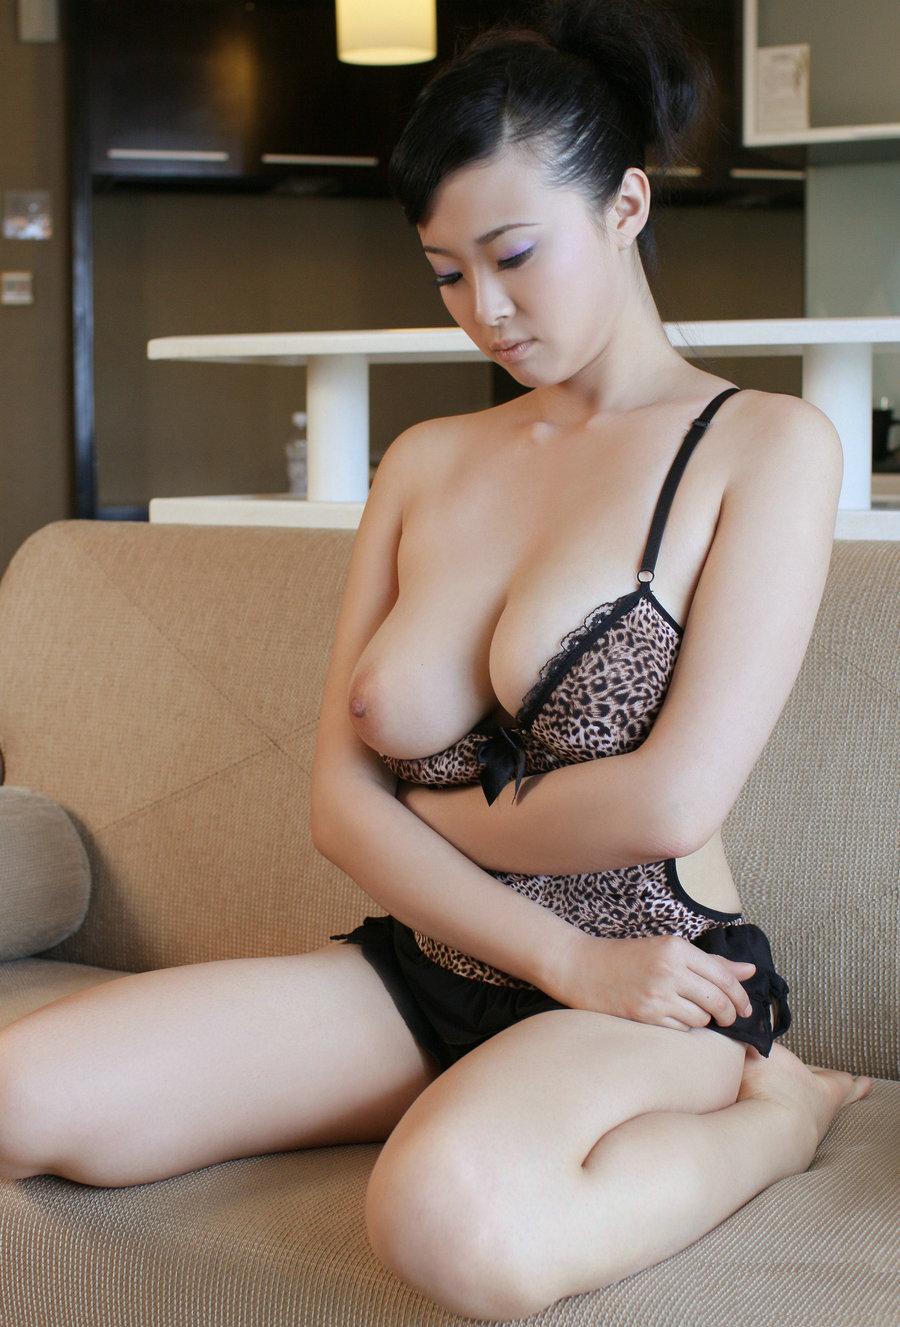 Big boobs asian model